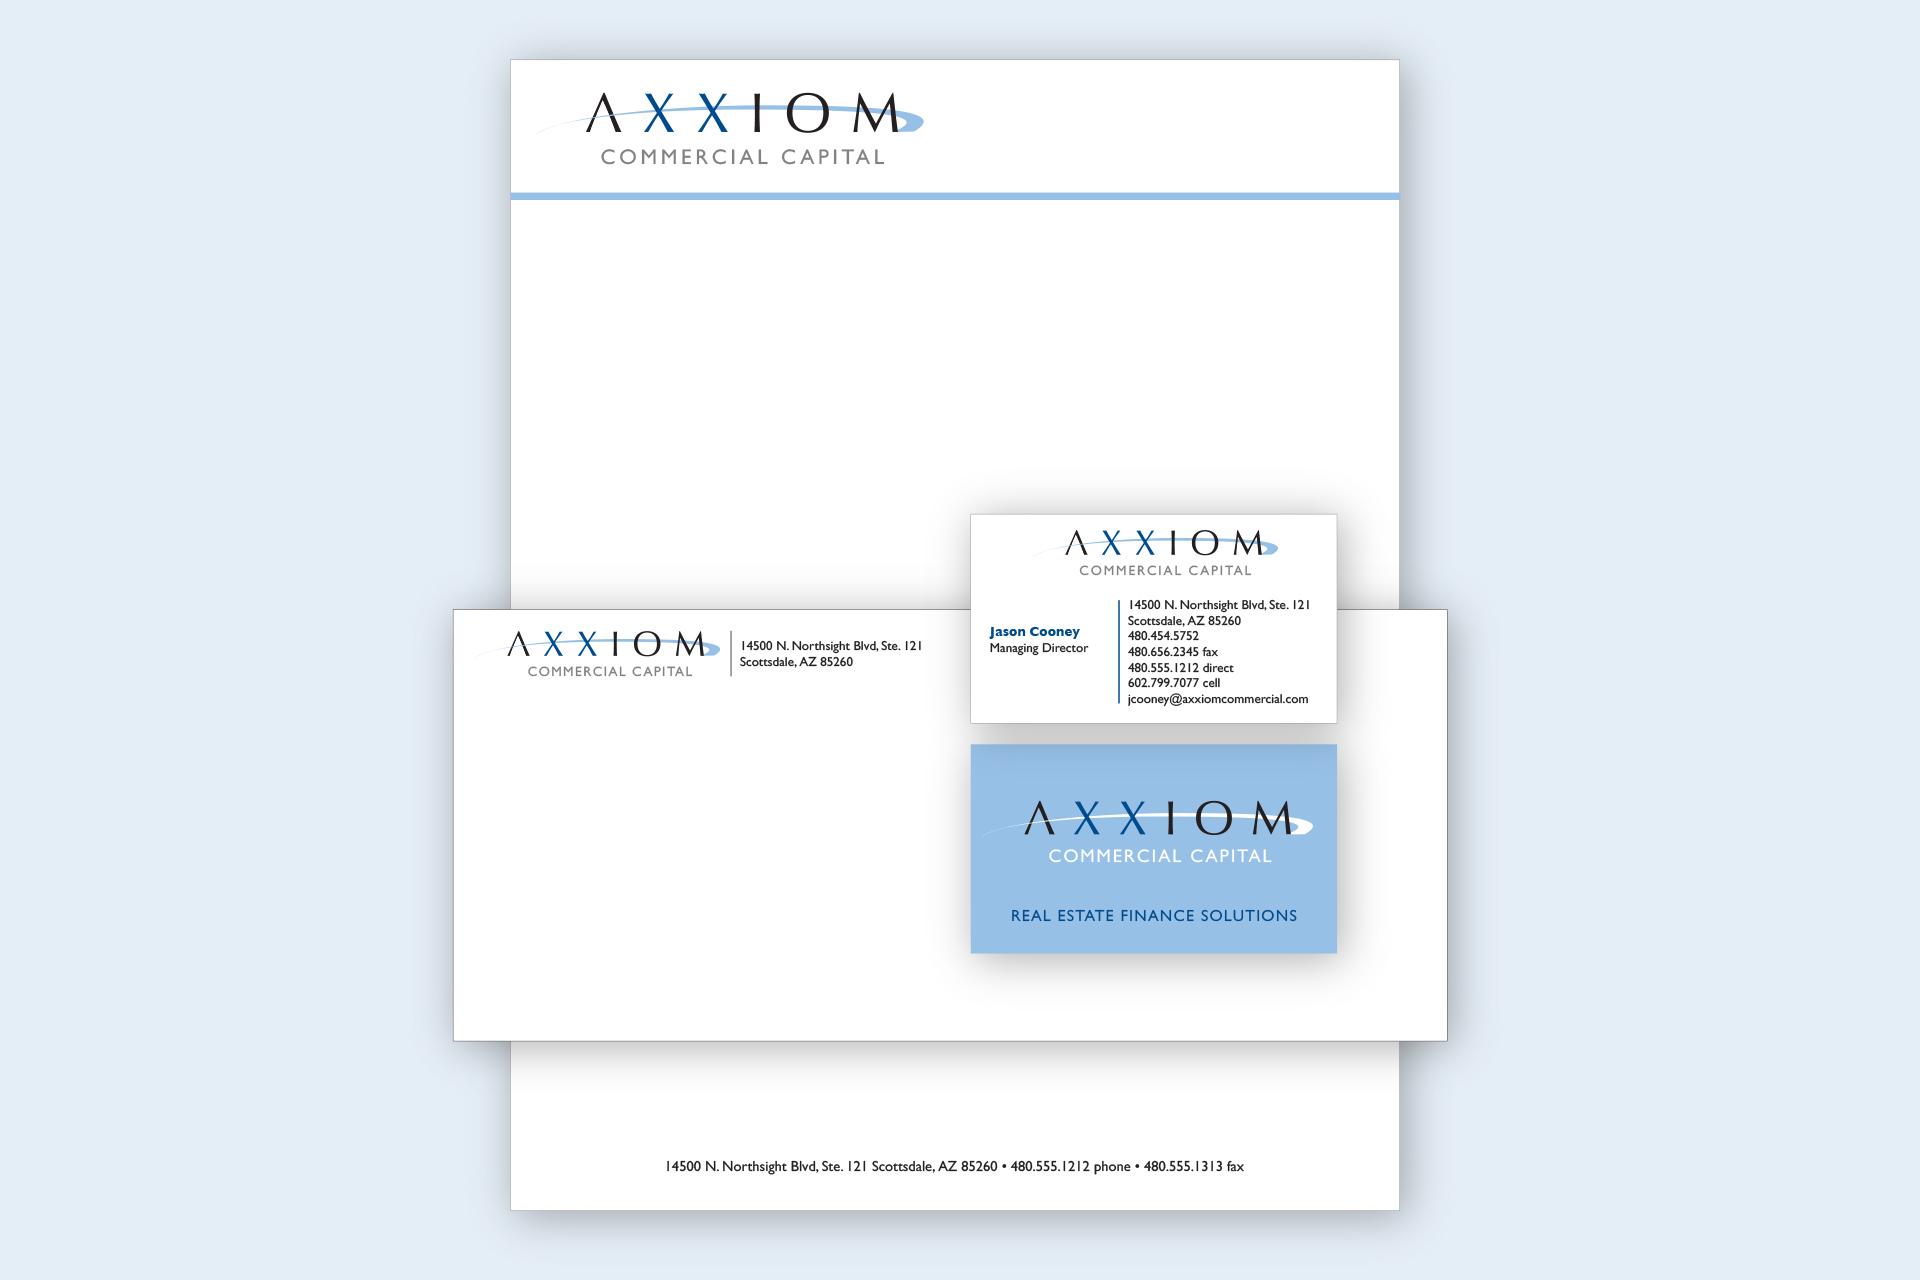 Axxiom_Commercial_Capital_portfolio